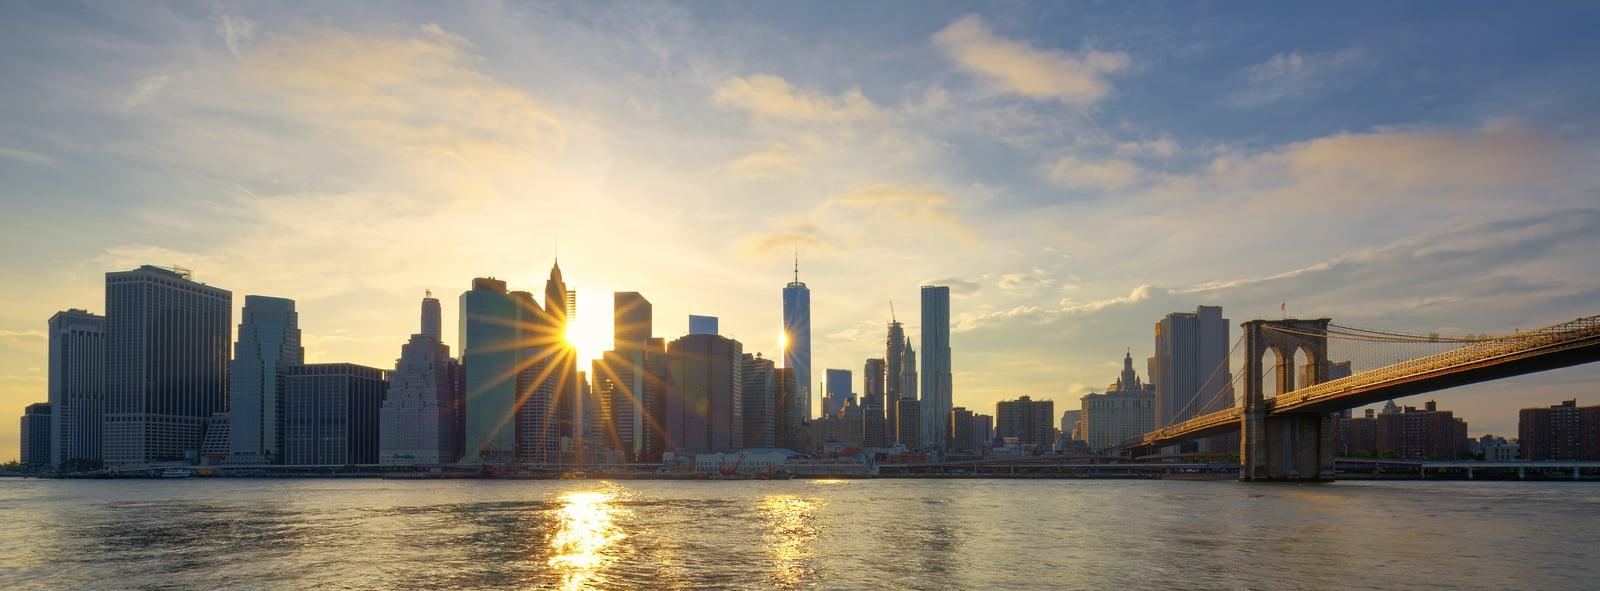 Financial District Manhattan, NY Private Investigator